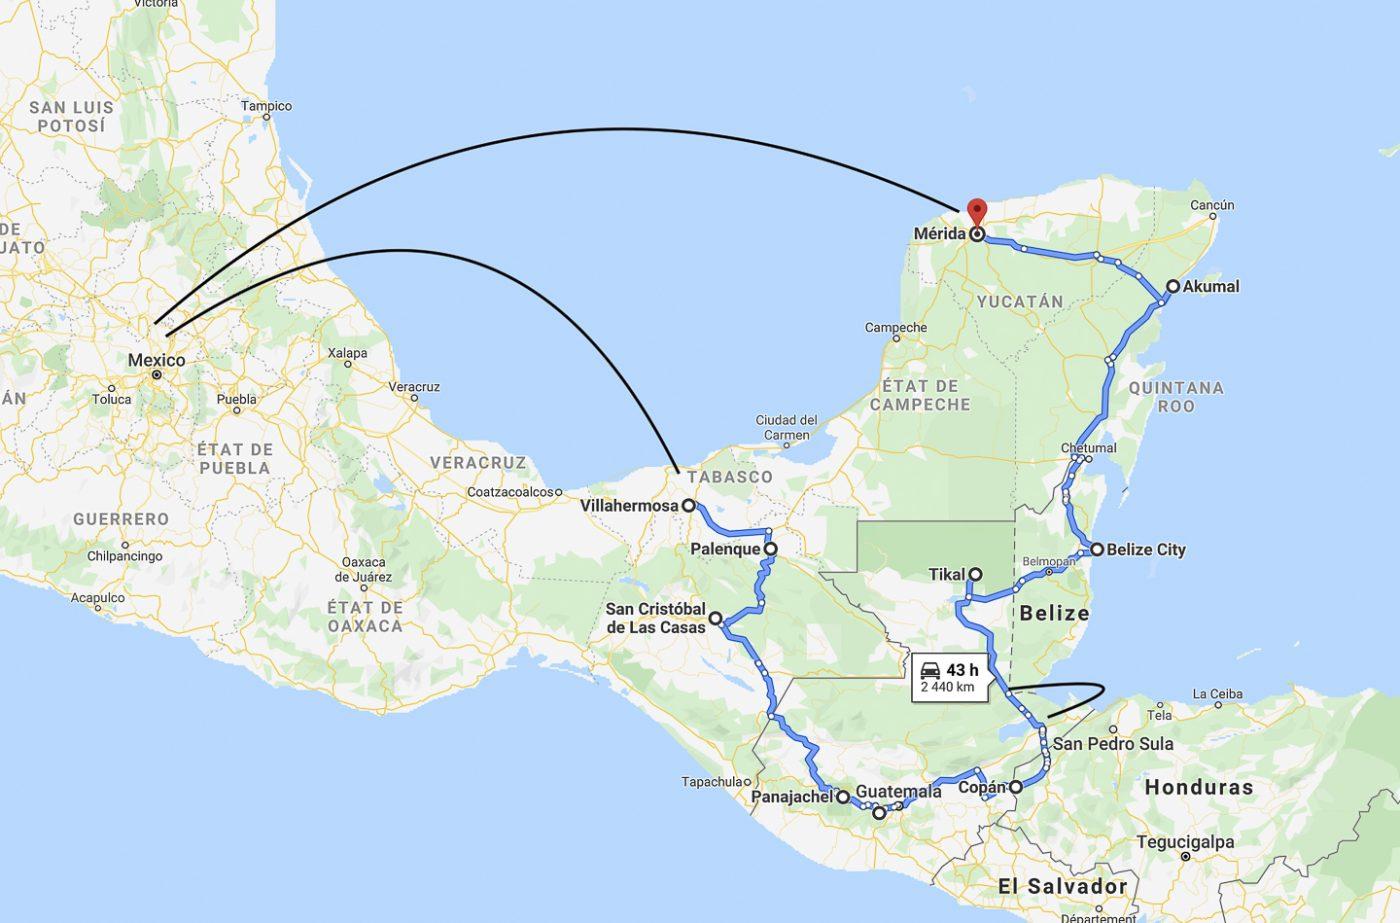 Résumé de l'itinéraire